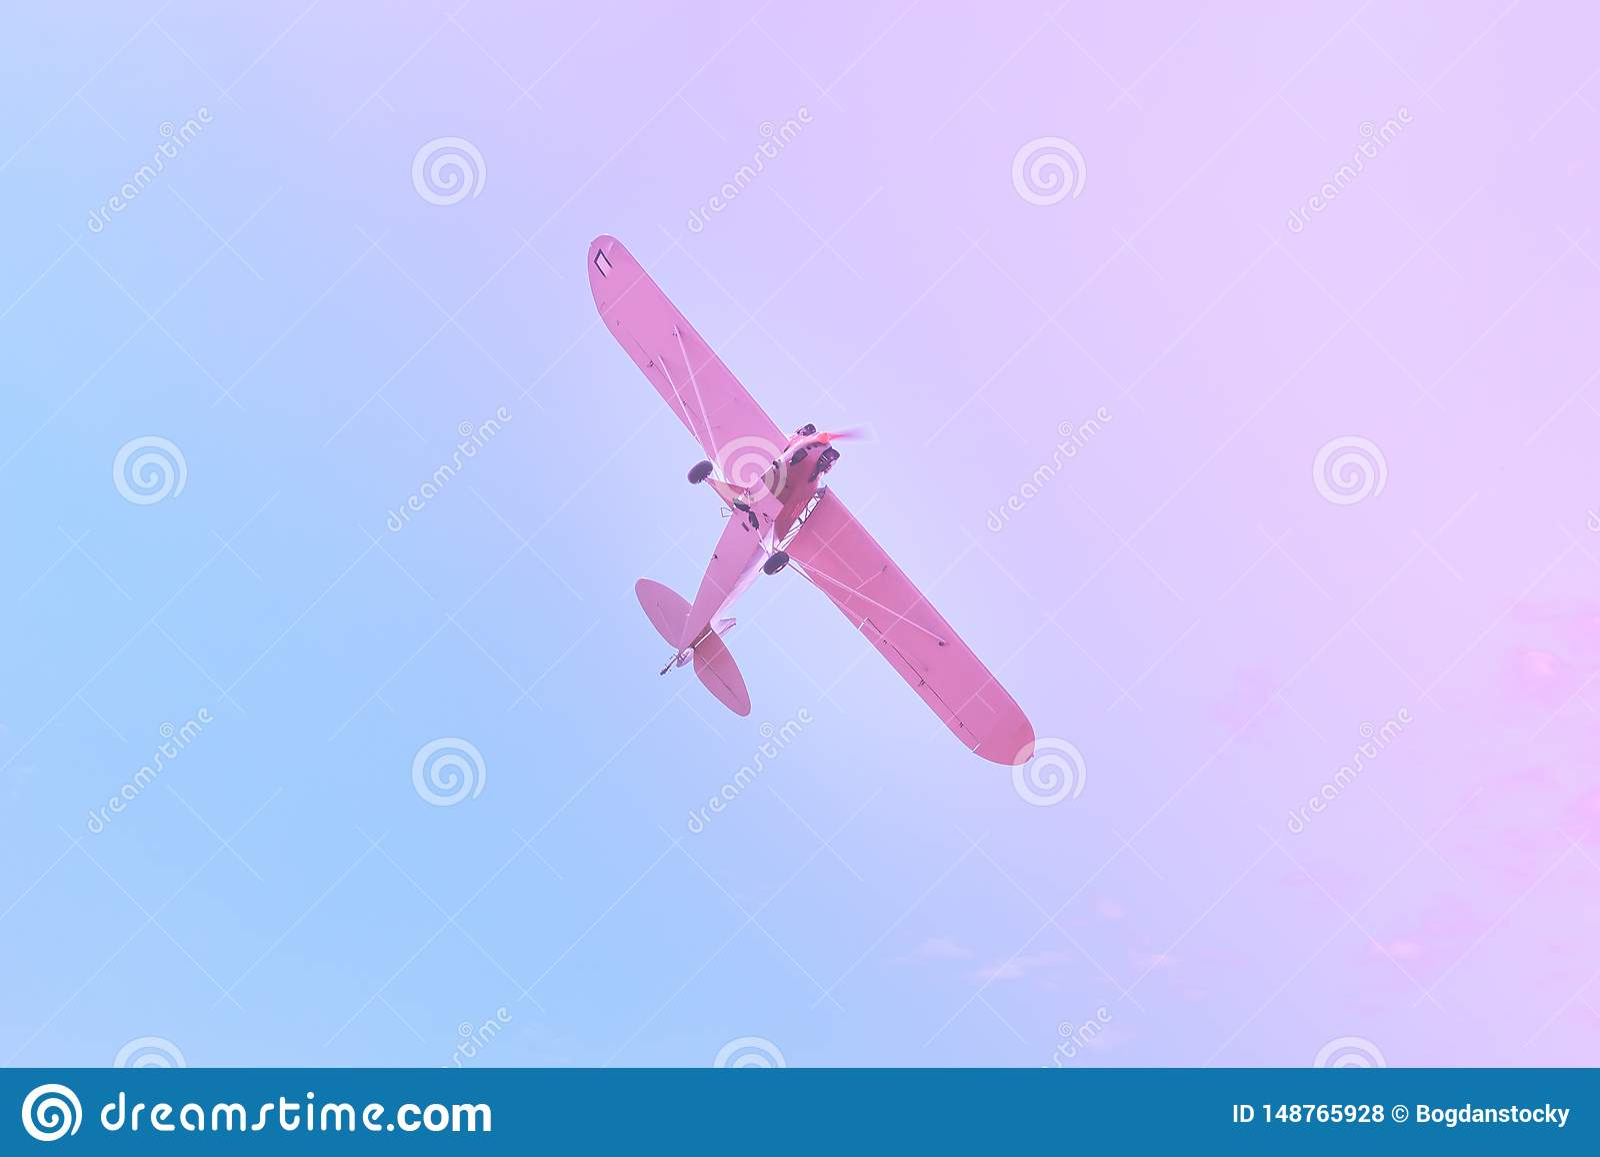 Peque?o vuelo plano contra el azul, cielo p?rpura, rosado